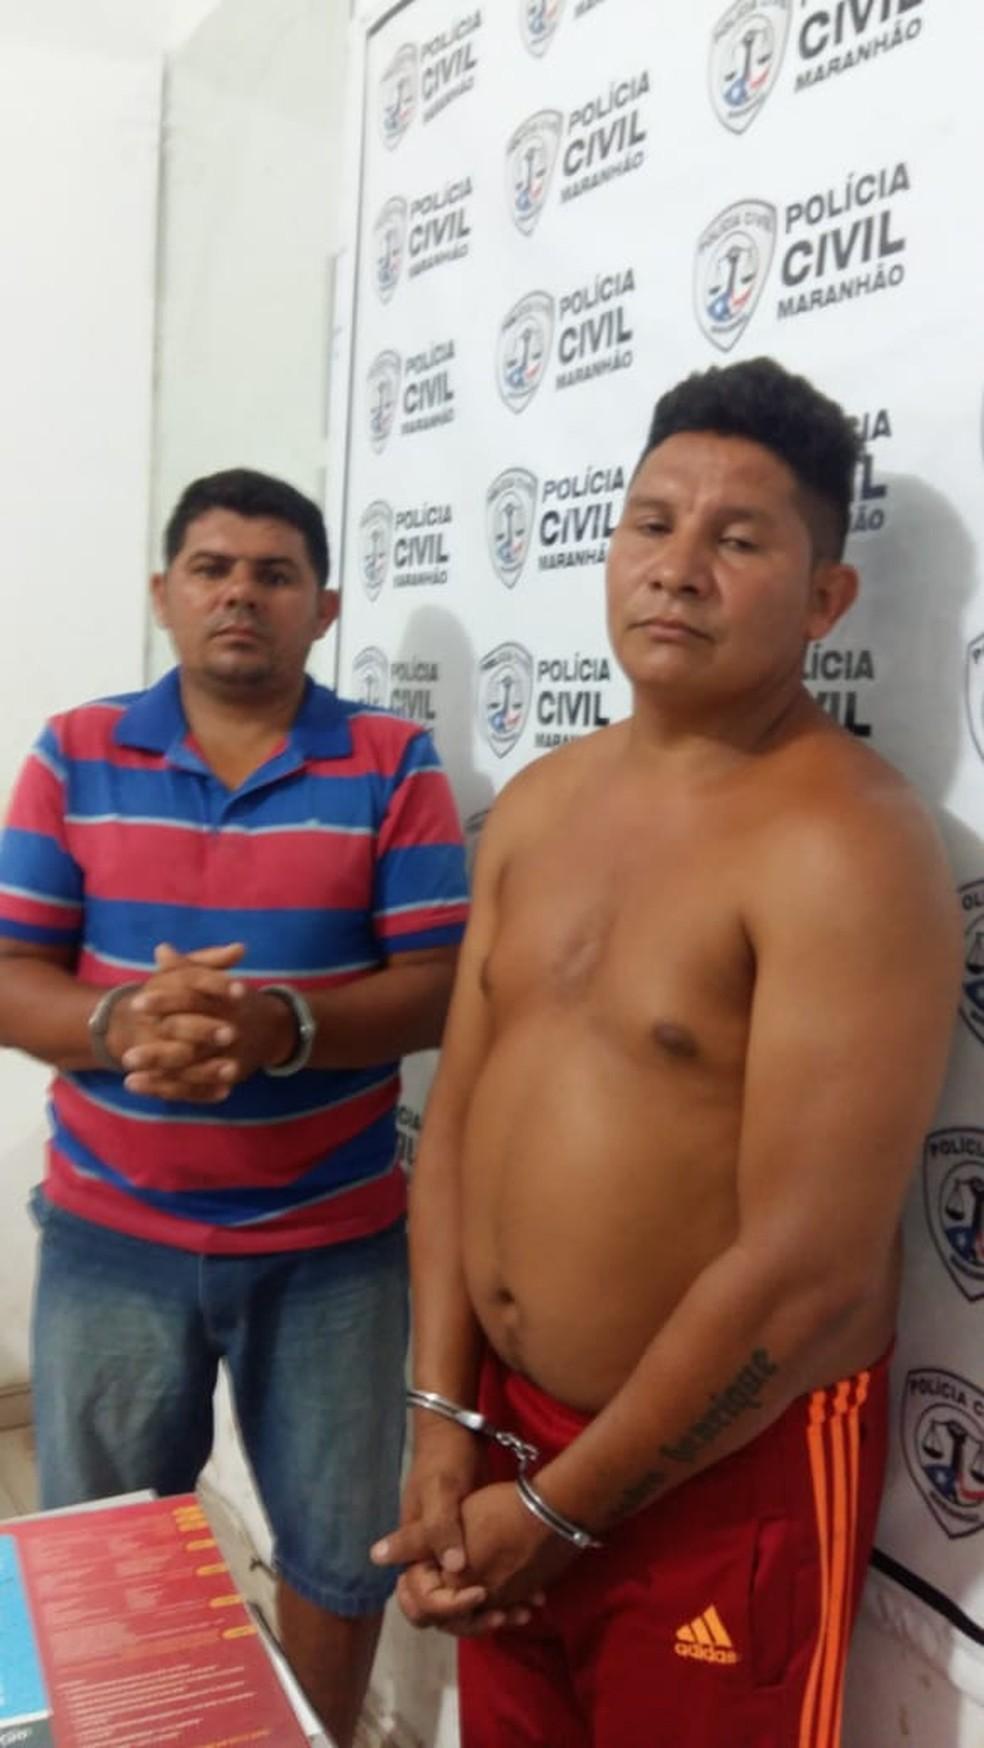 Lázaro de Jesus Cardoso e Cleiton Ferreira Mesquita foram presos em Itapecuru Mirim — Foto: Divulgação/Polícia Civil